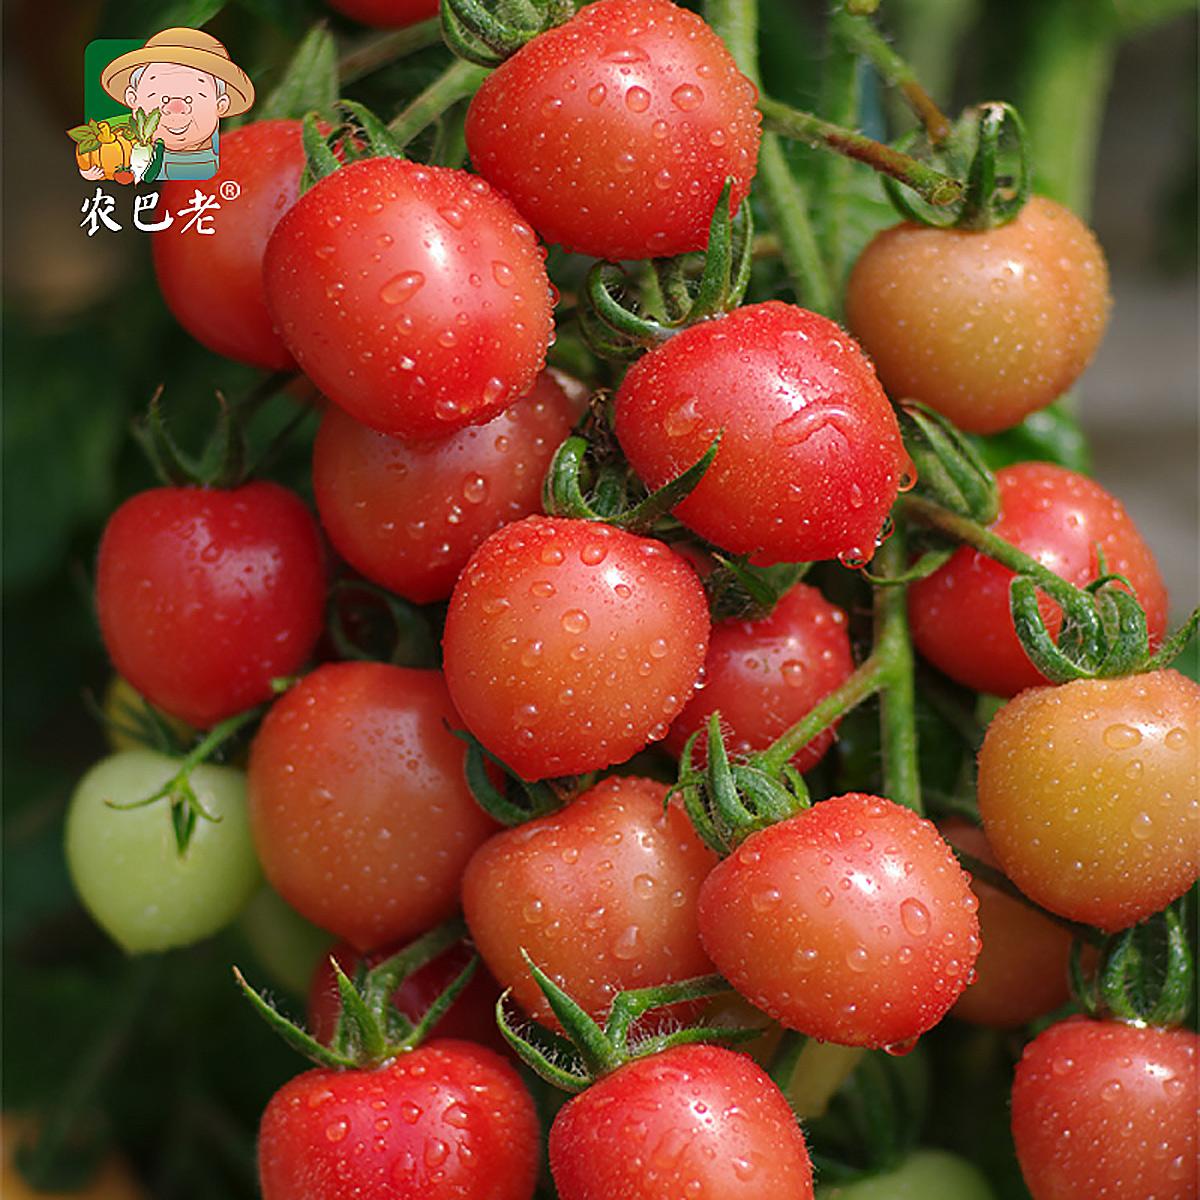 农巴老 新鲜蔬菜超甜千禧小番茄樱桃小西红柿大小洋柿子4斤